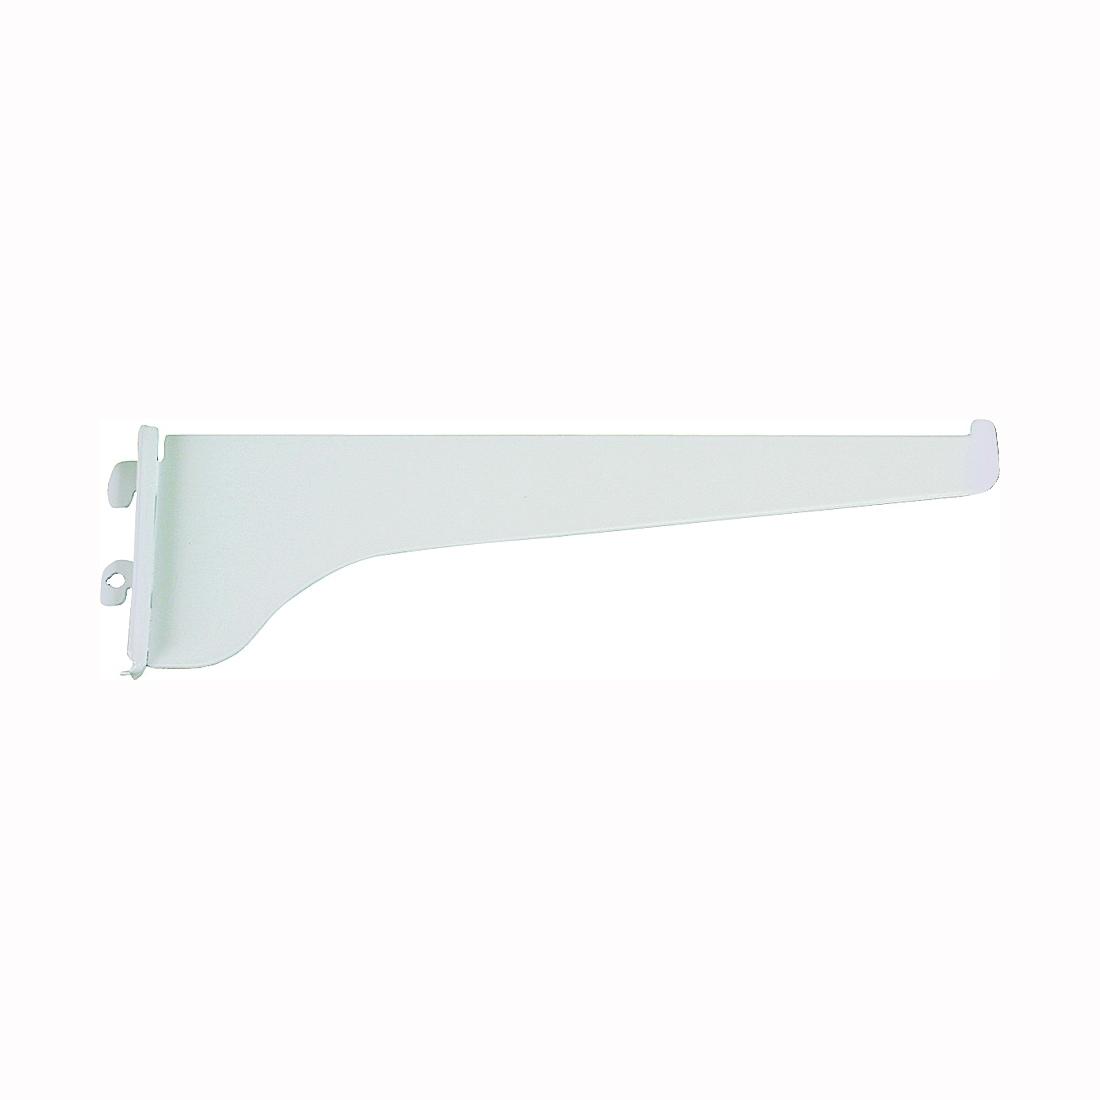 Picture of Knape & Vogt 180 WH 10 Shelf Bracket, 10 in L, Steel, Powder-Coated